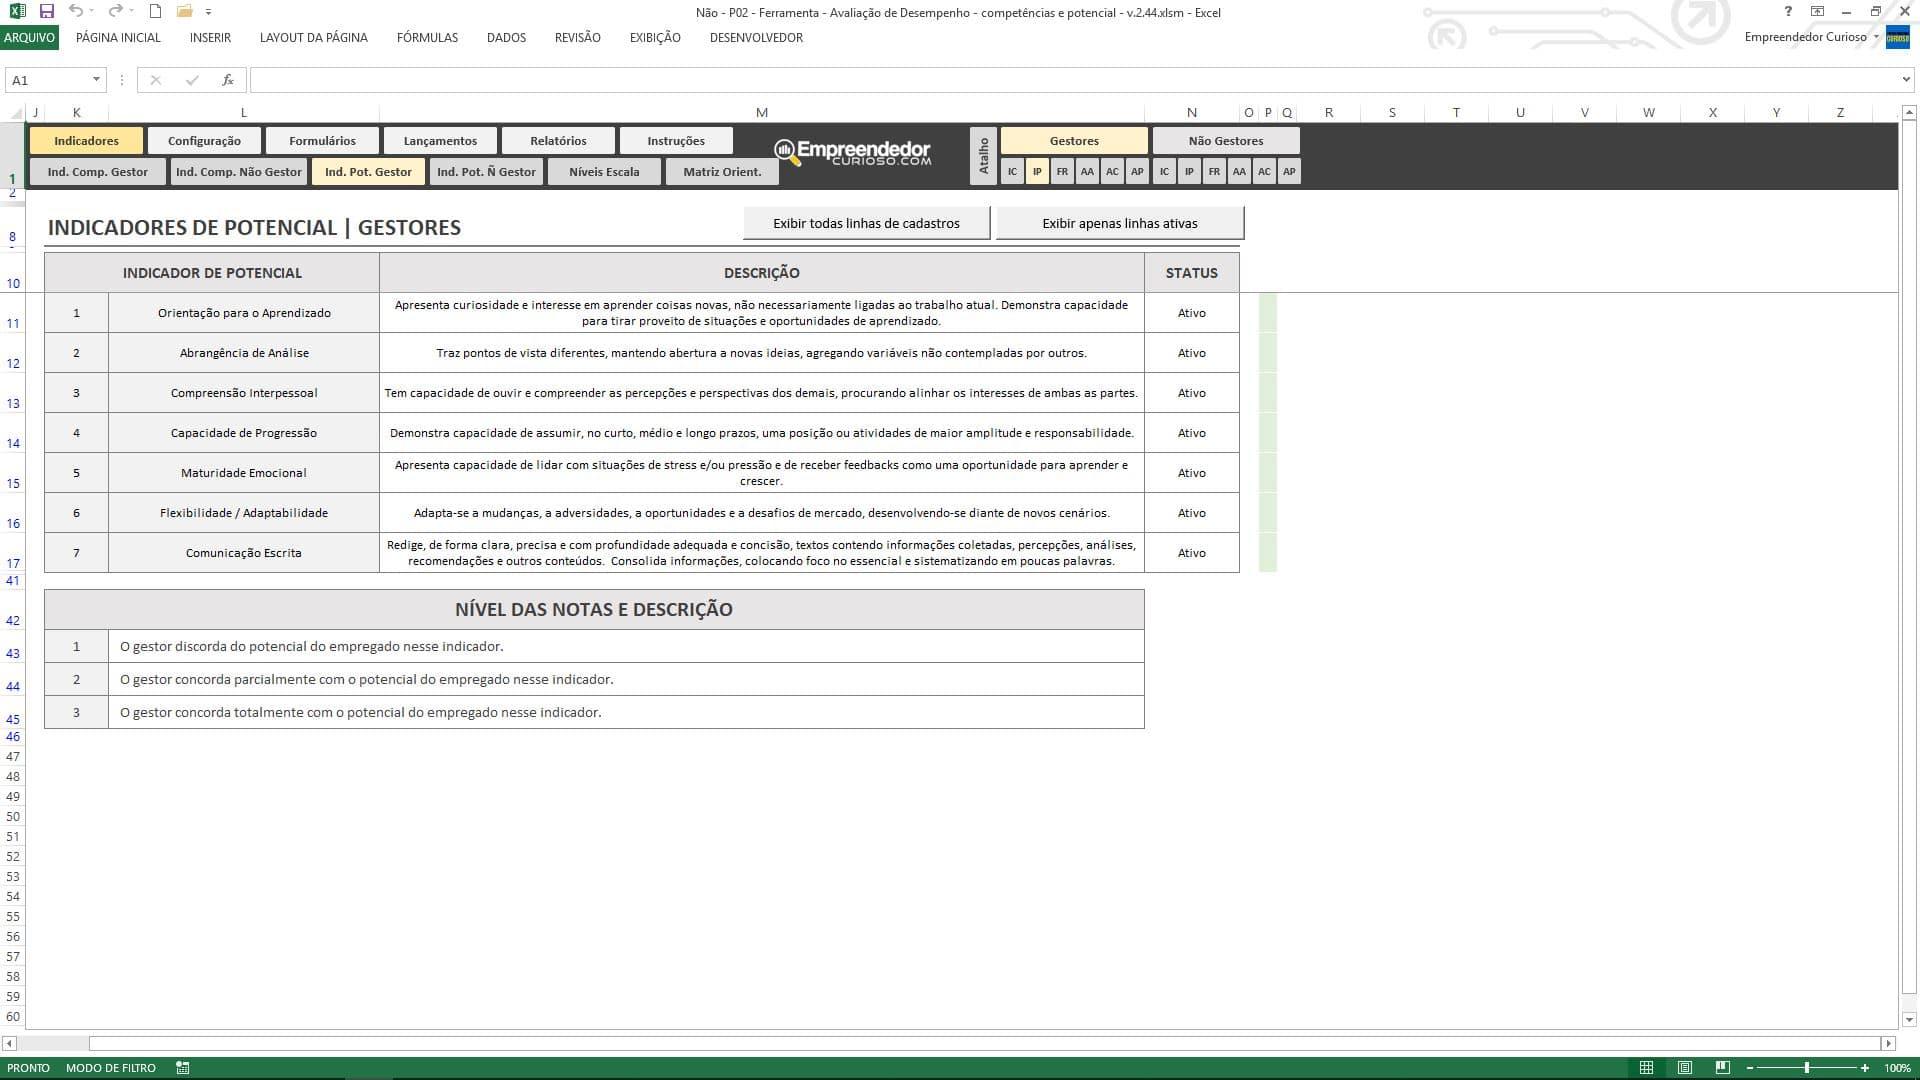 Planilha de avaliação de desempenho de funcionário - Indicadores de Potencial